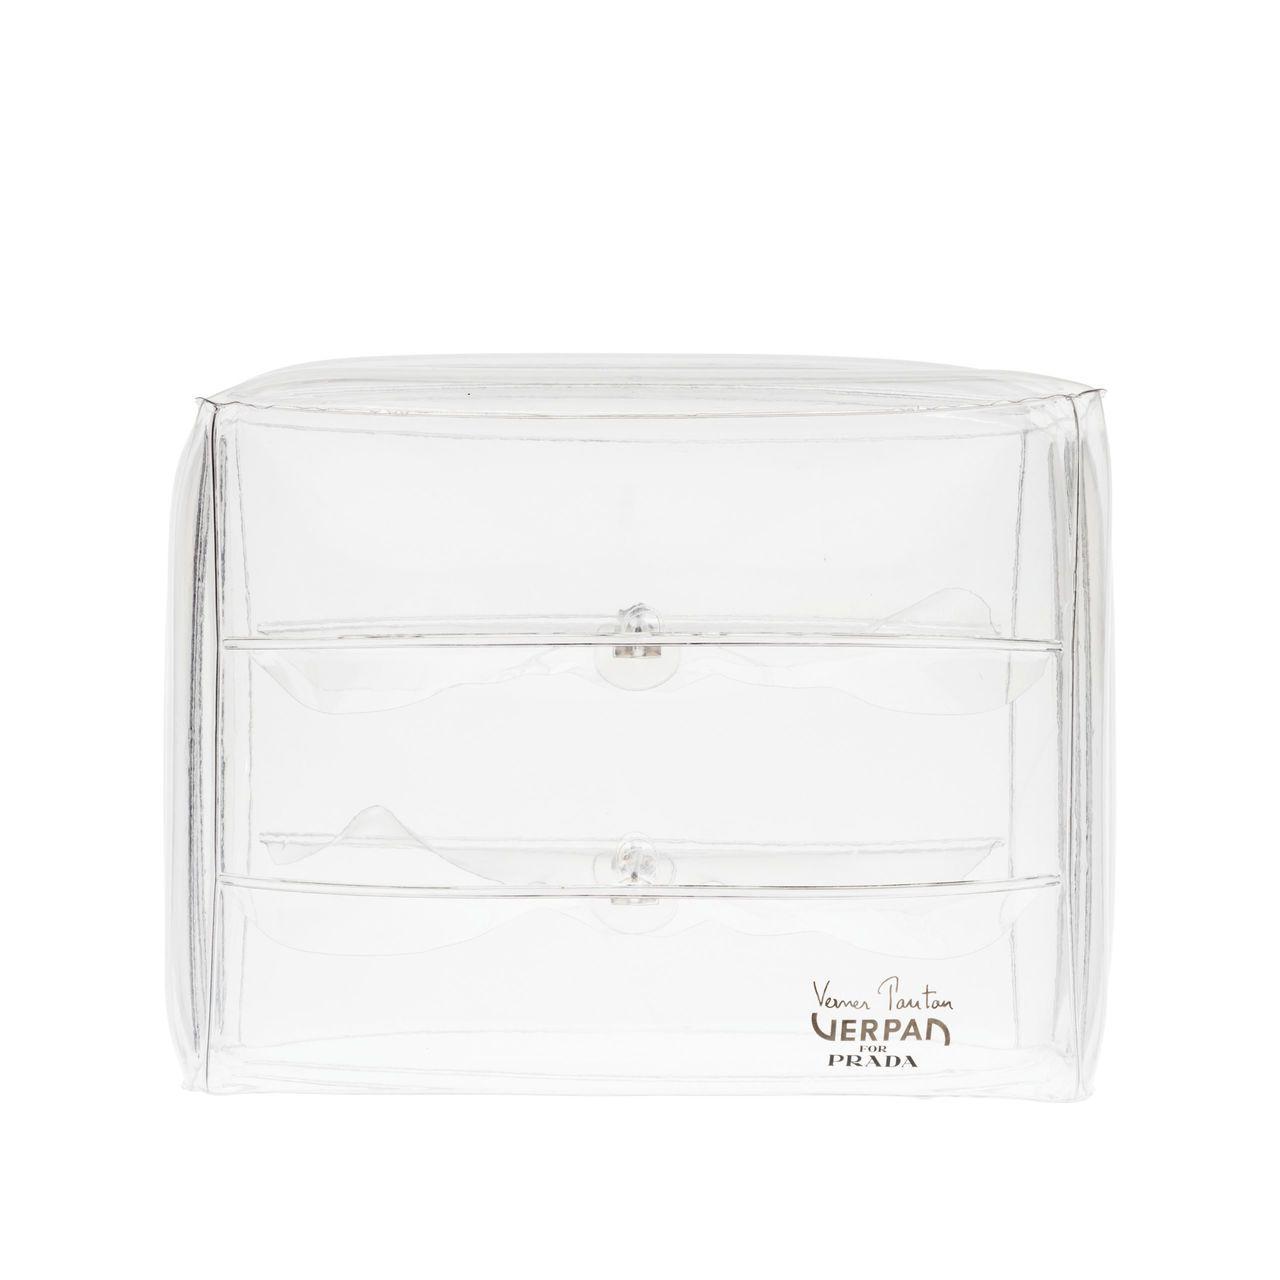 Verpan for Prada充氣沙發由丹麥品牌Verpan為Prada特別獨...